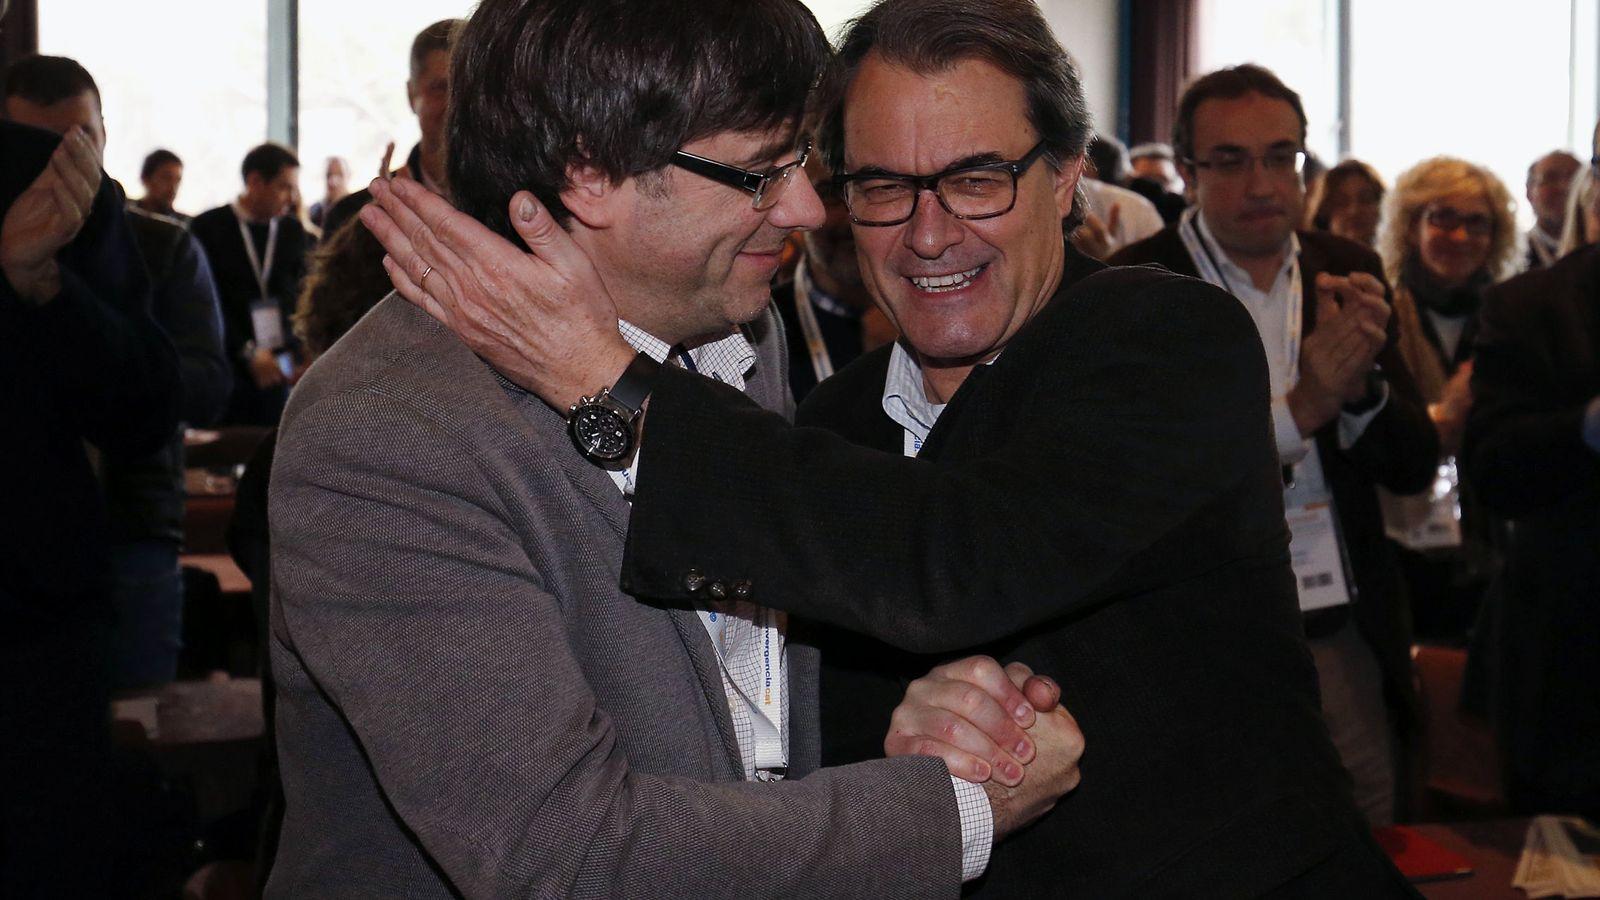 Foto: El presidente de la Generalitat, Carles Puigdemont, saluda al expresidente catalán y líder de Convergència Democràtica de Catalunya, Artur Mas, durante el consell nacional de los convergentes. (EFE)